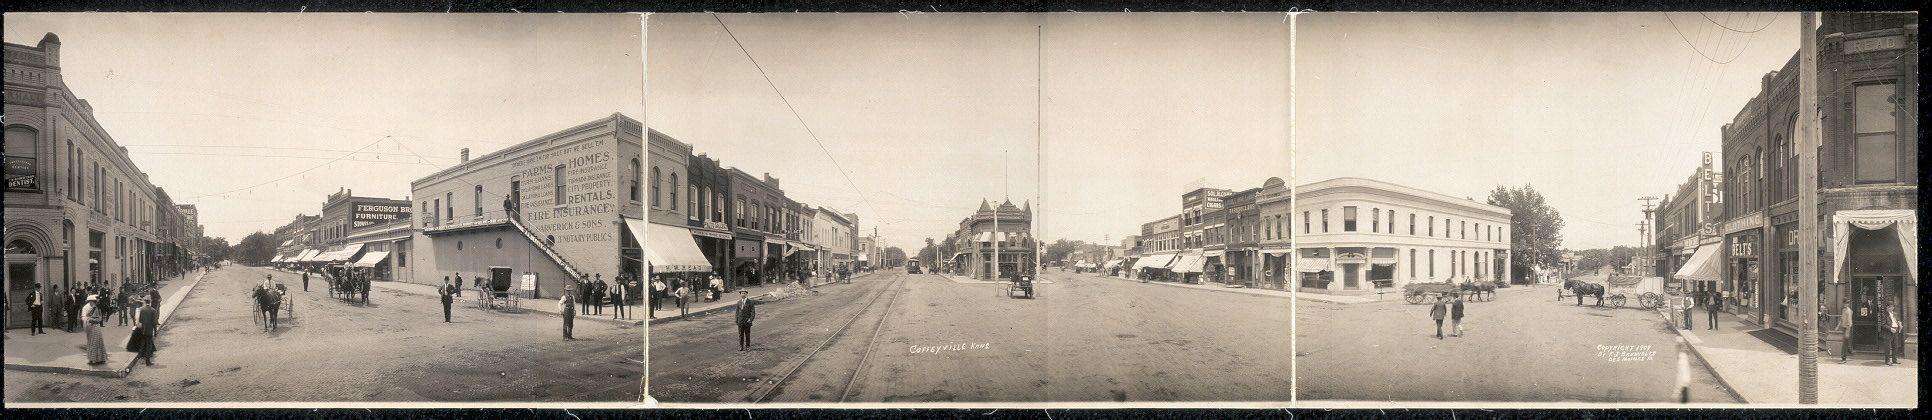 Coffeyville Kans 1909 State Of Kansas Land Of Oz Wild West Theme